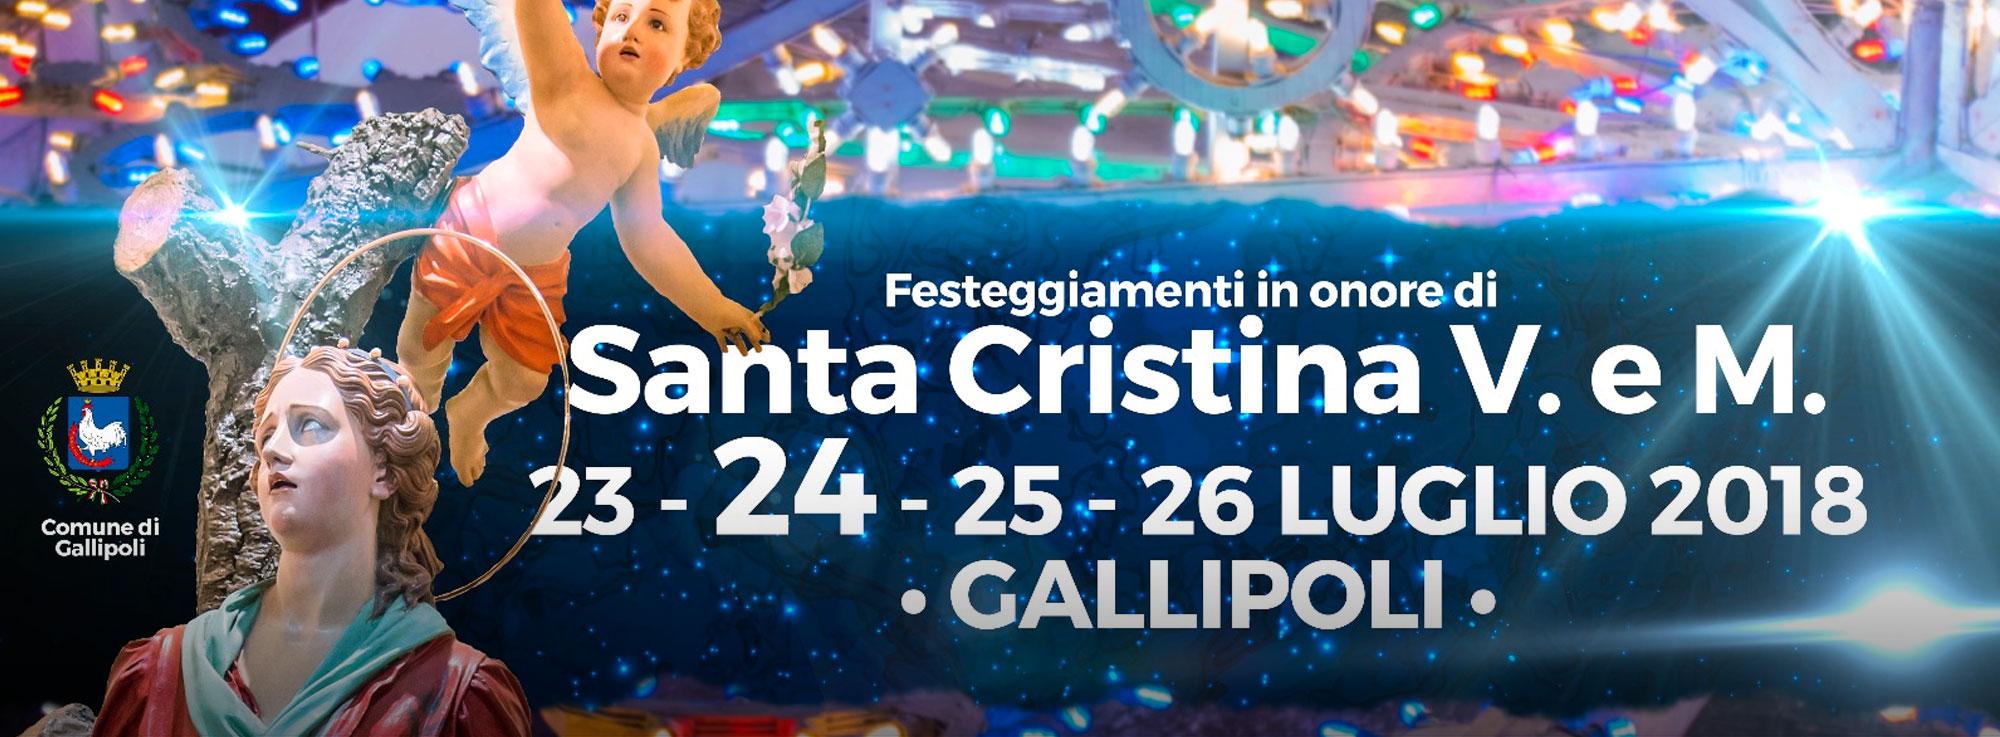 Gallipoli: Festa Santa Cristina